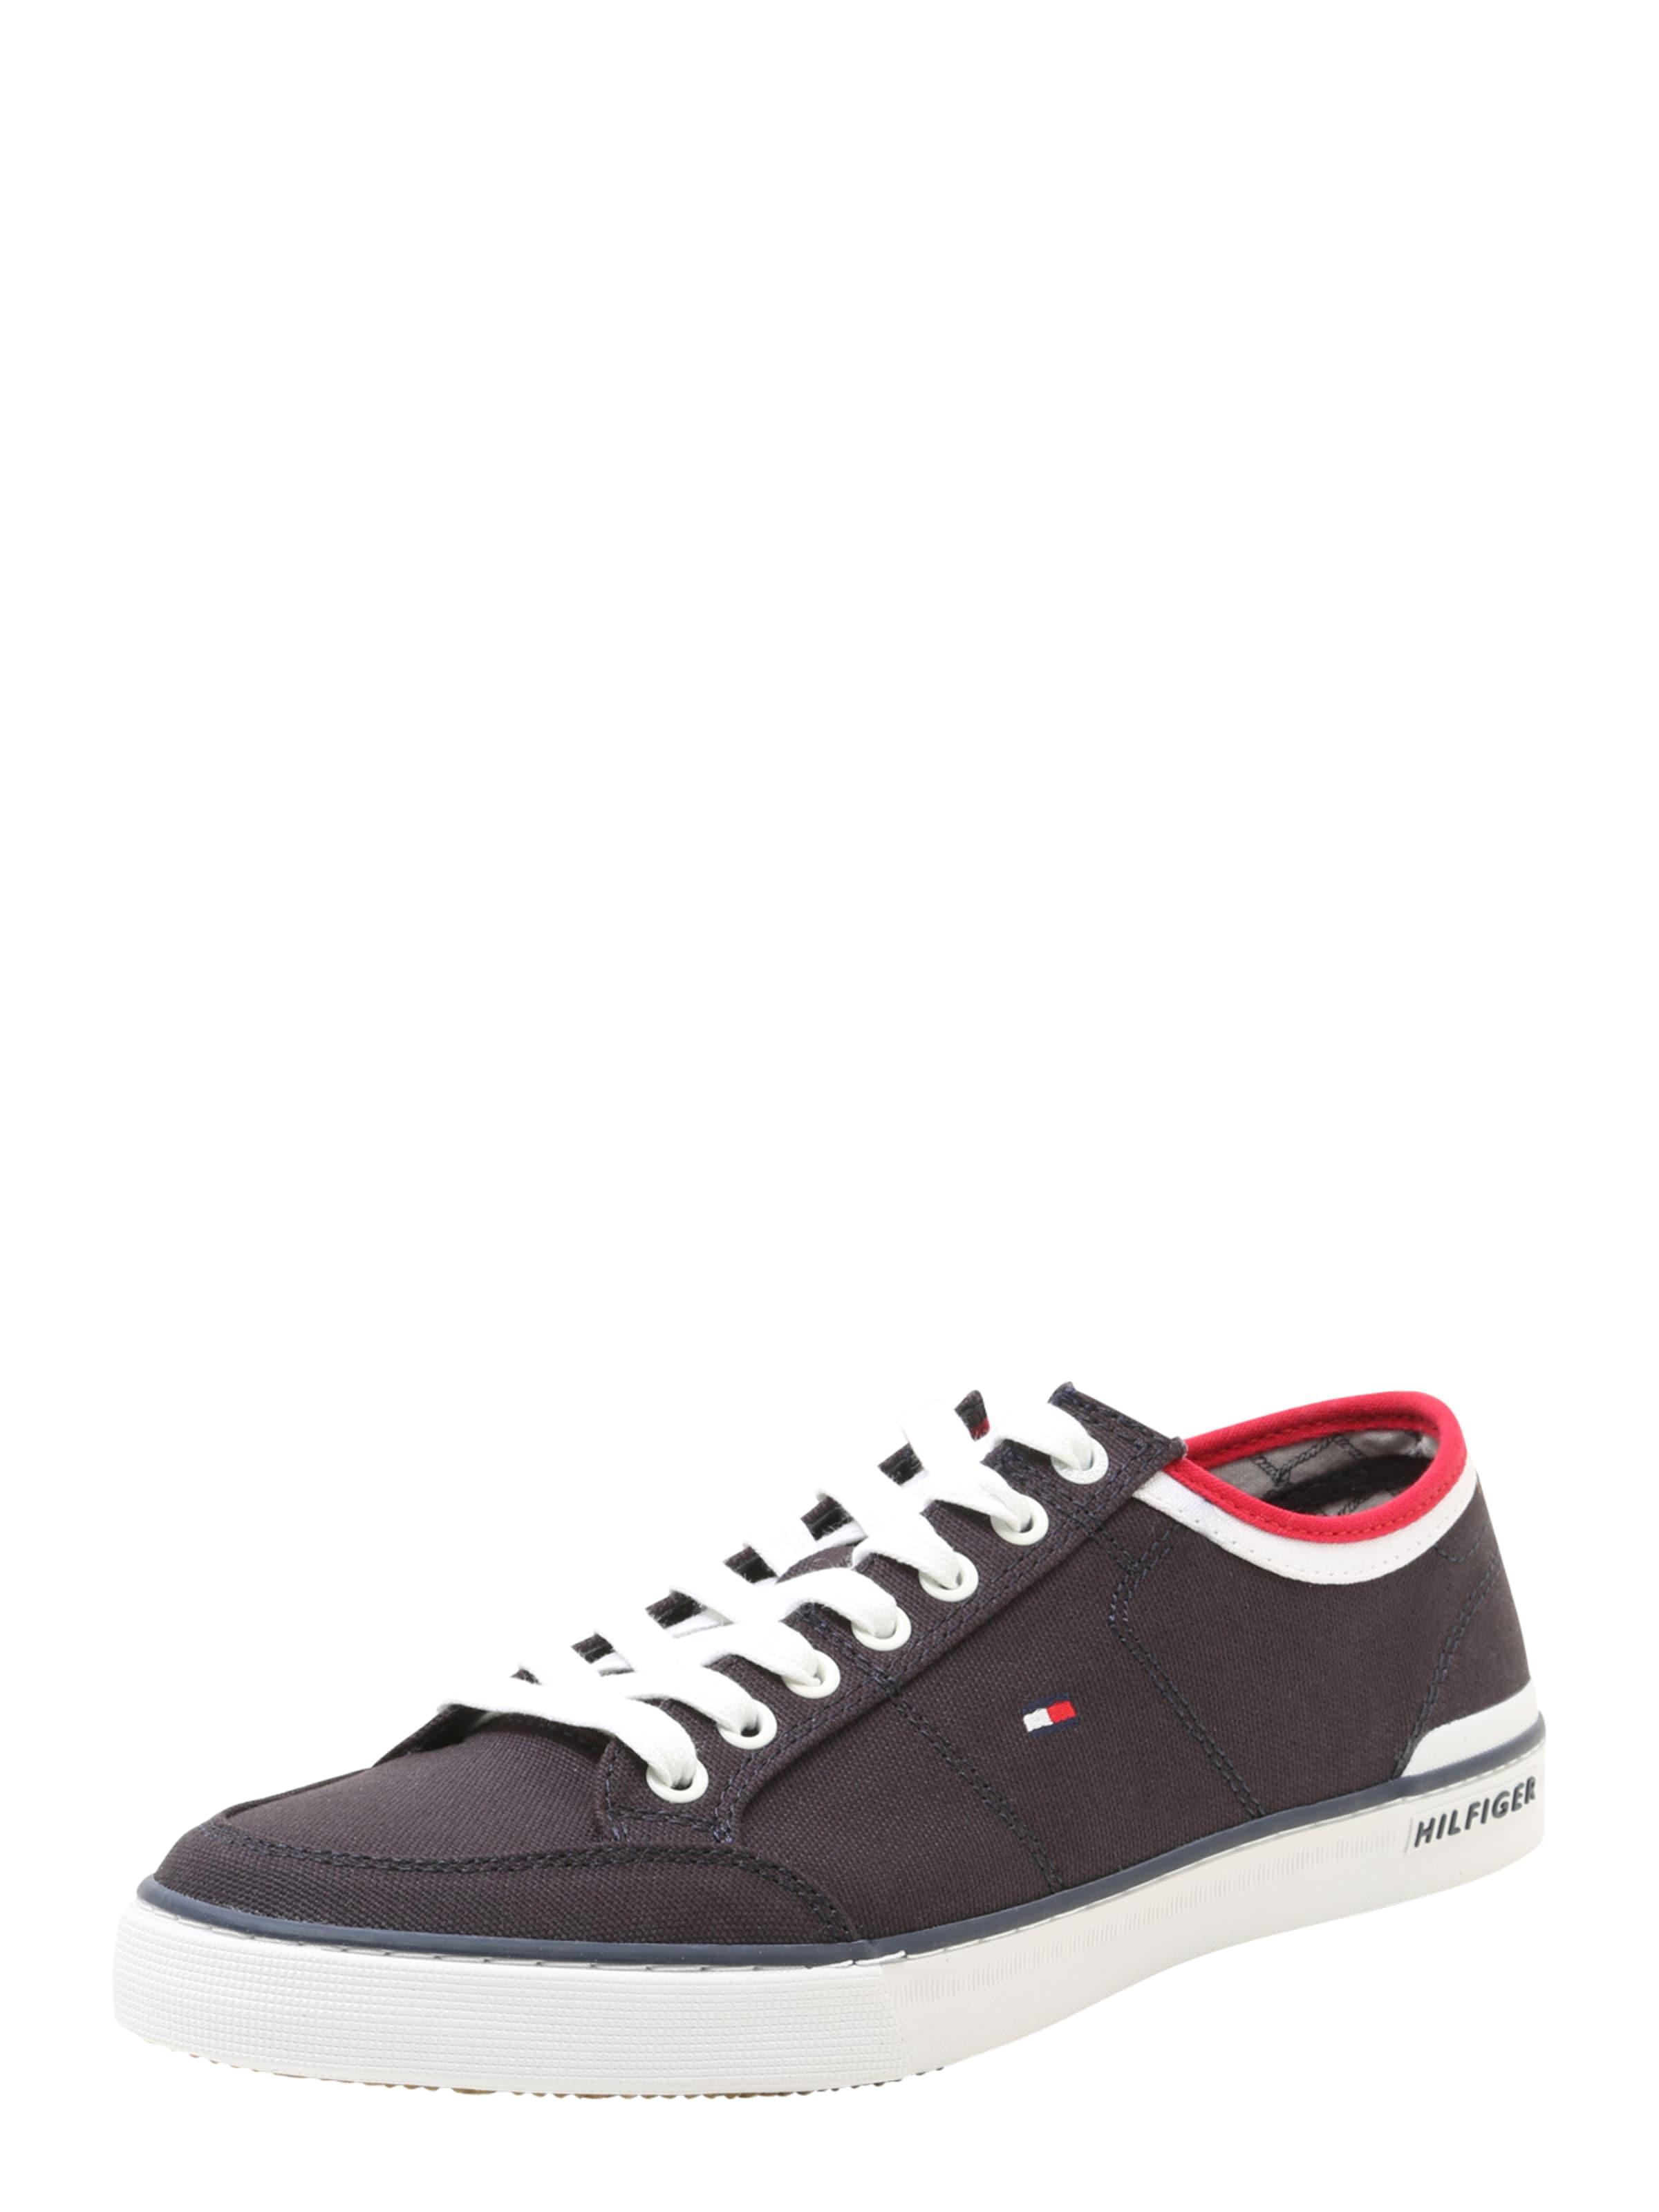 TOMMY HILFIGER Canvas-Sneaker Verschleißfeste billige Schuhe